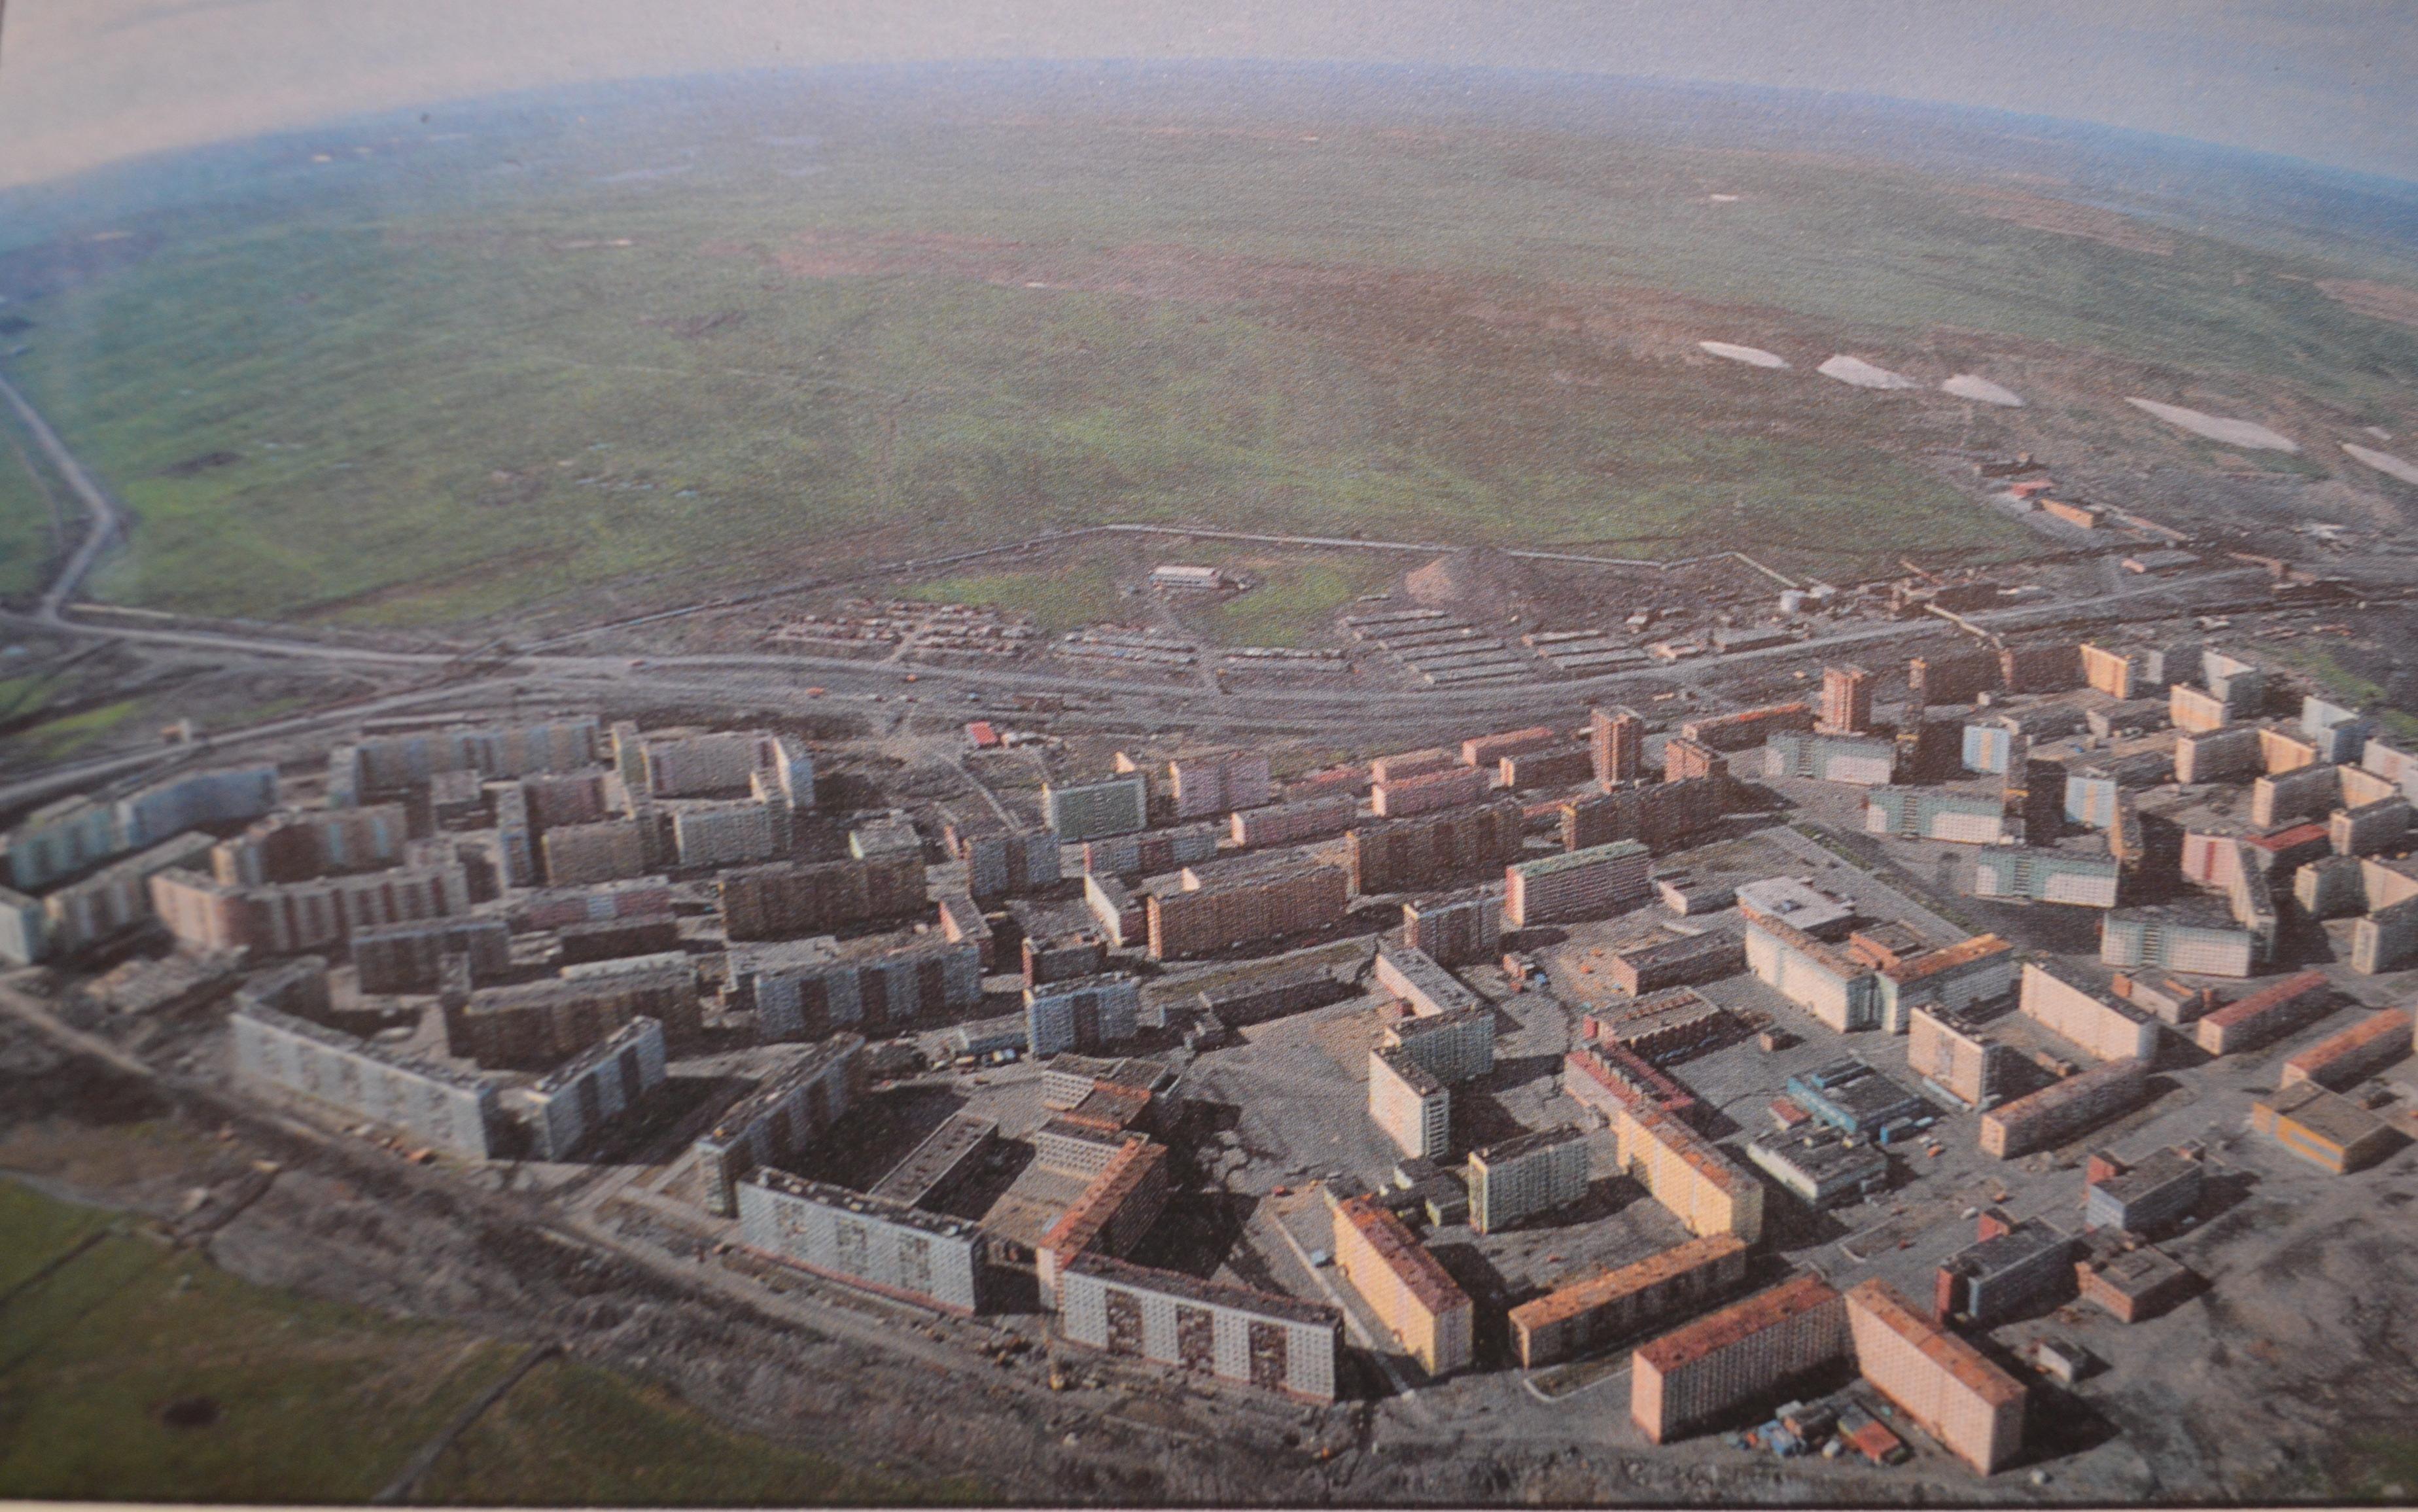 Река в России стала кроваво-красной из-за загрязнения - Цензор.НЕТ 3440